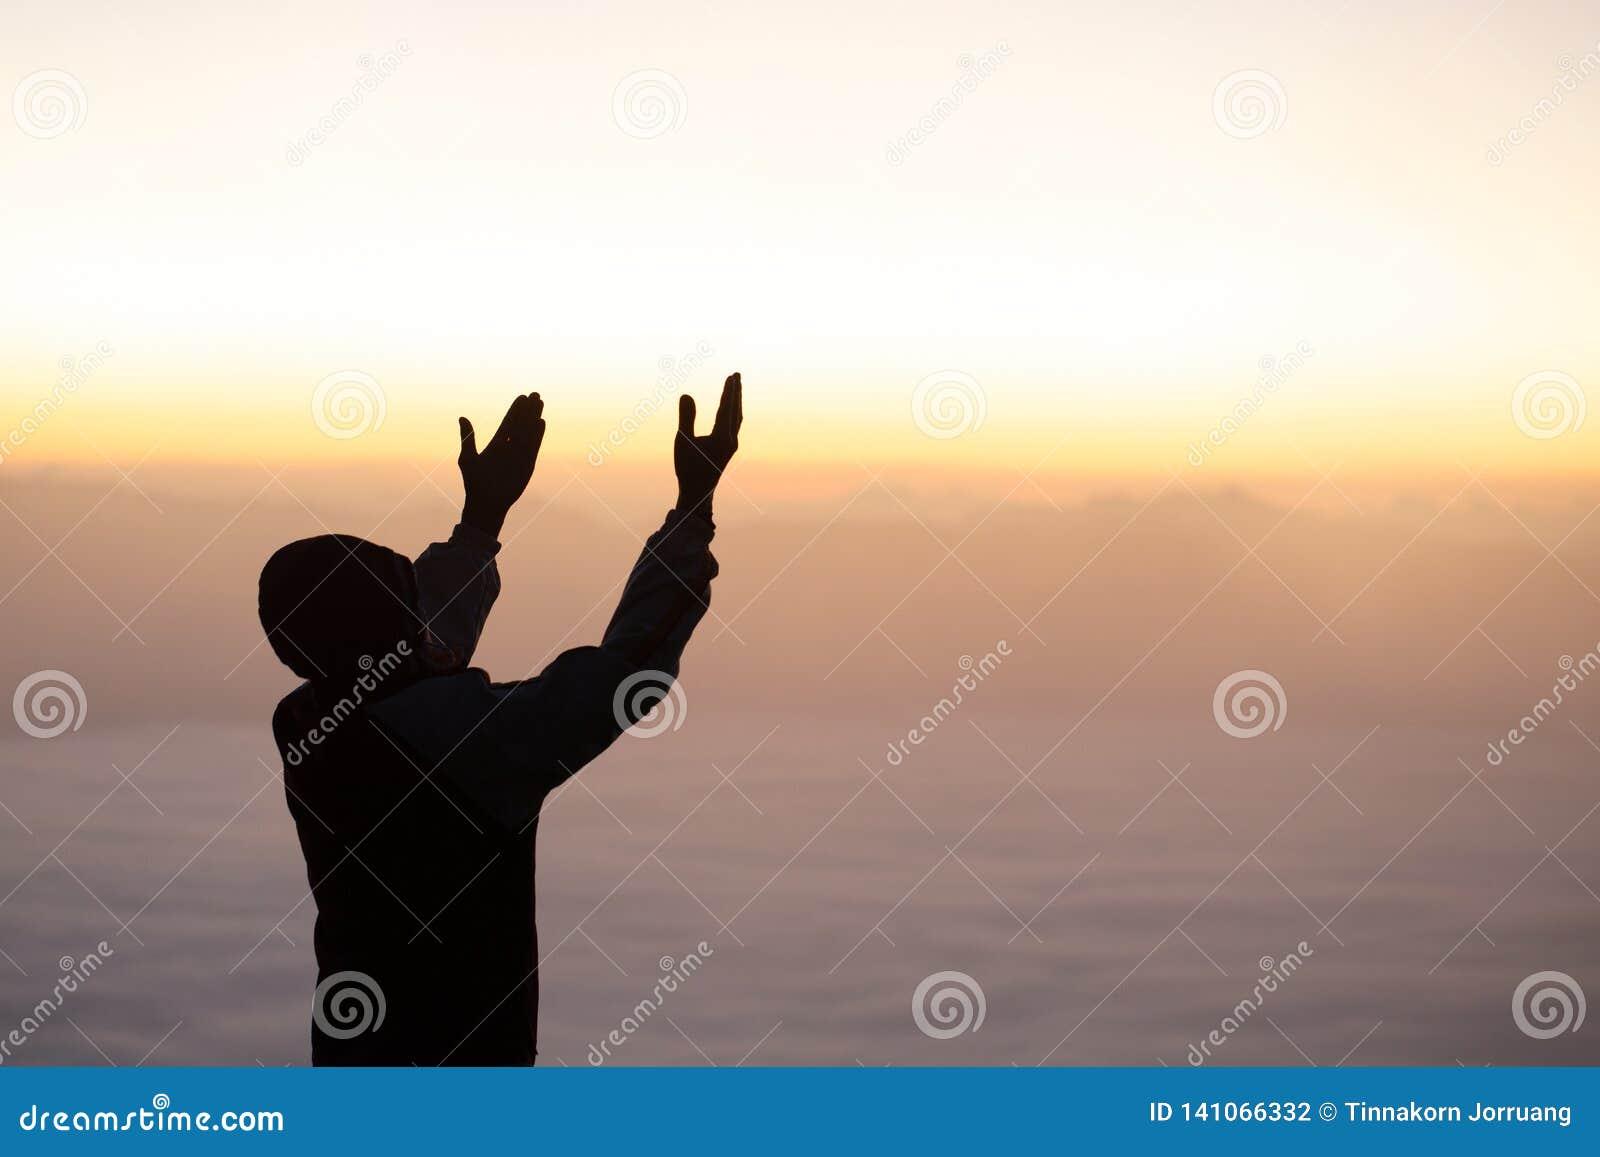 Menschliche Hände öffnen hohe Anbetung der Palme , Konzept für Christen, Christentum, katholische Religion, göttlich, himmlisch,